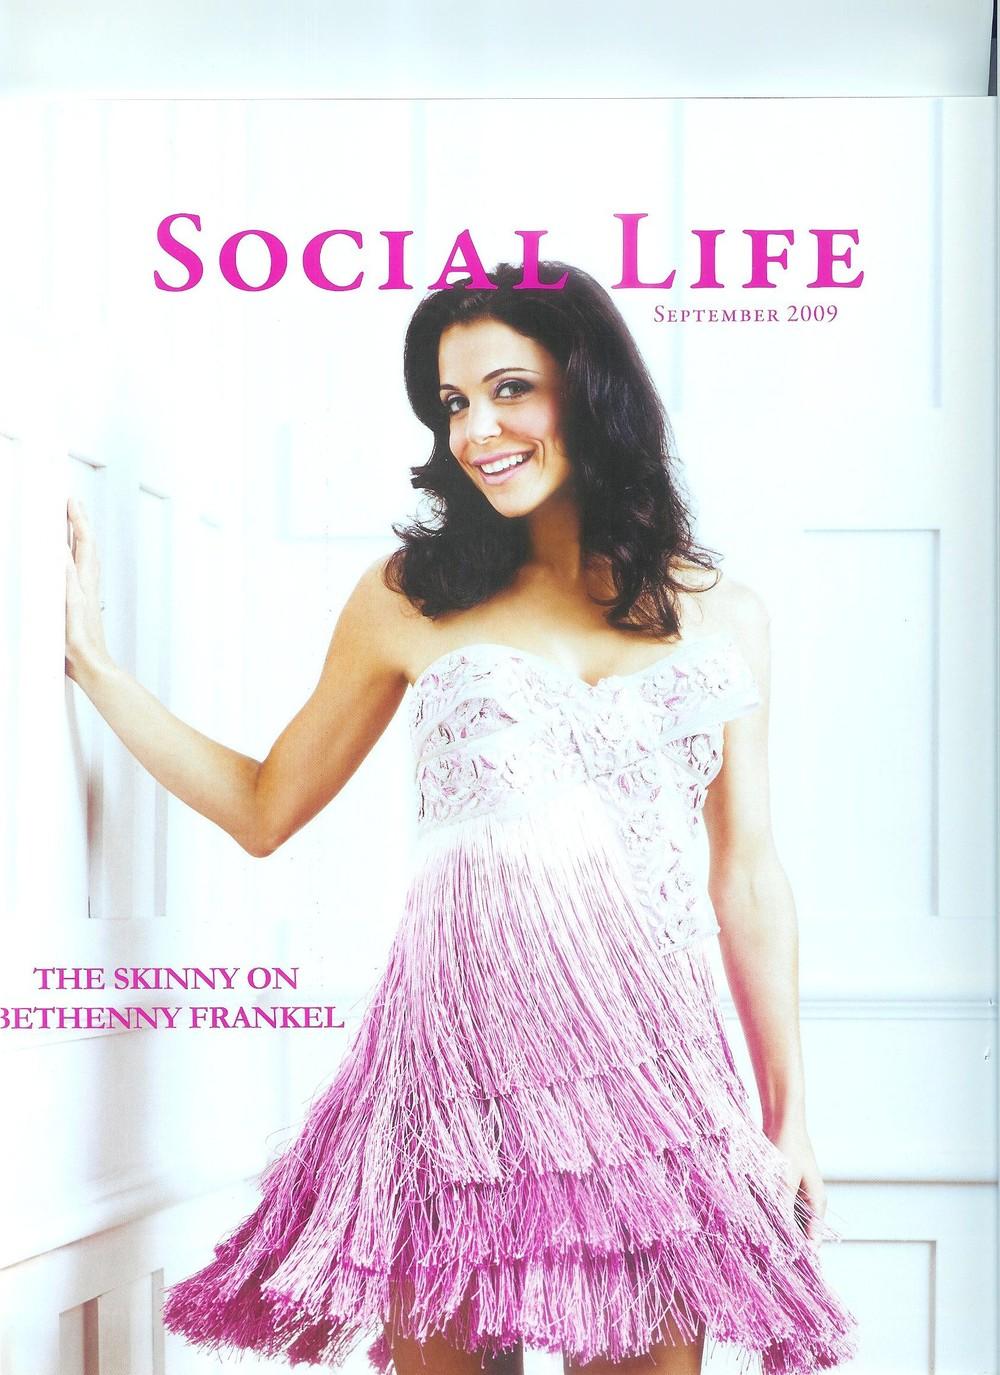 Social Life 0909 cover.JPG